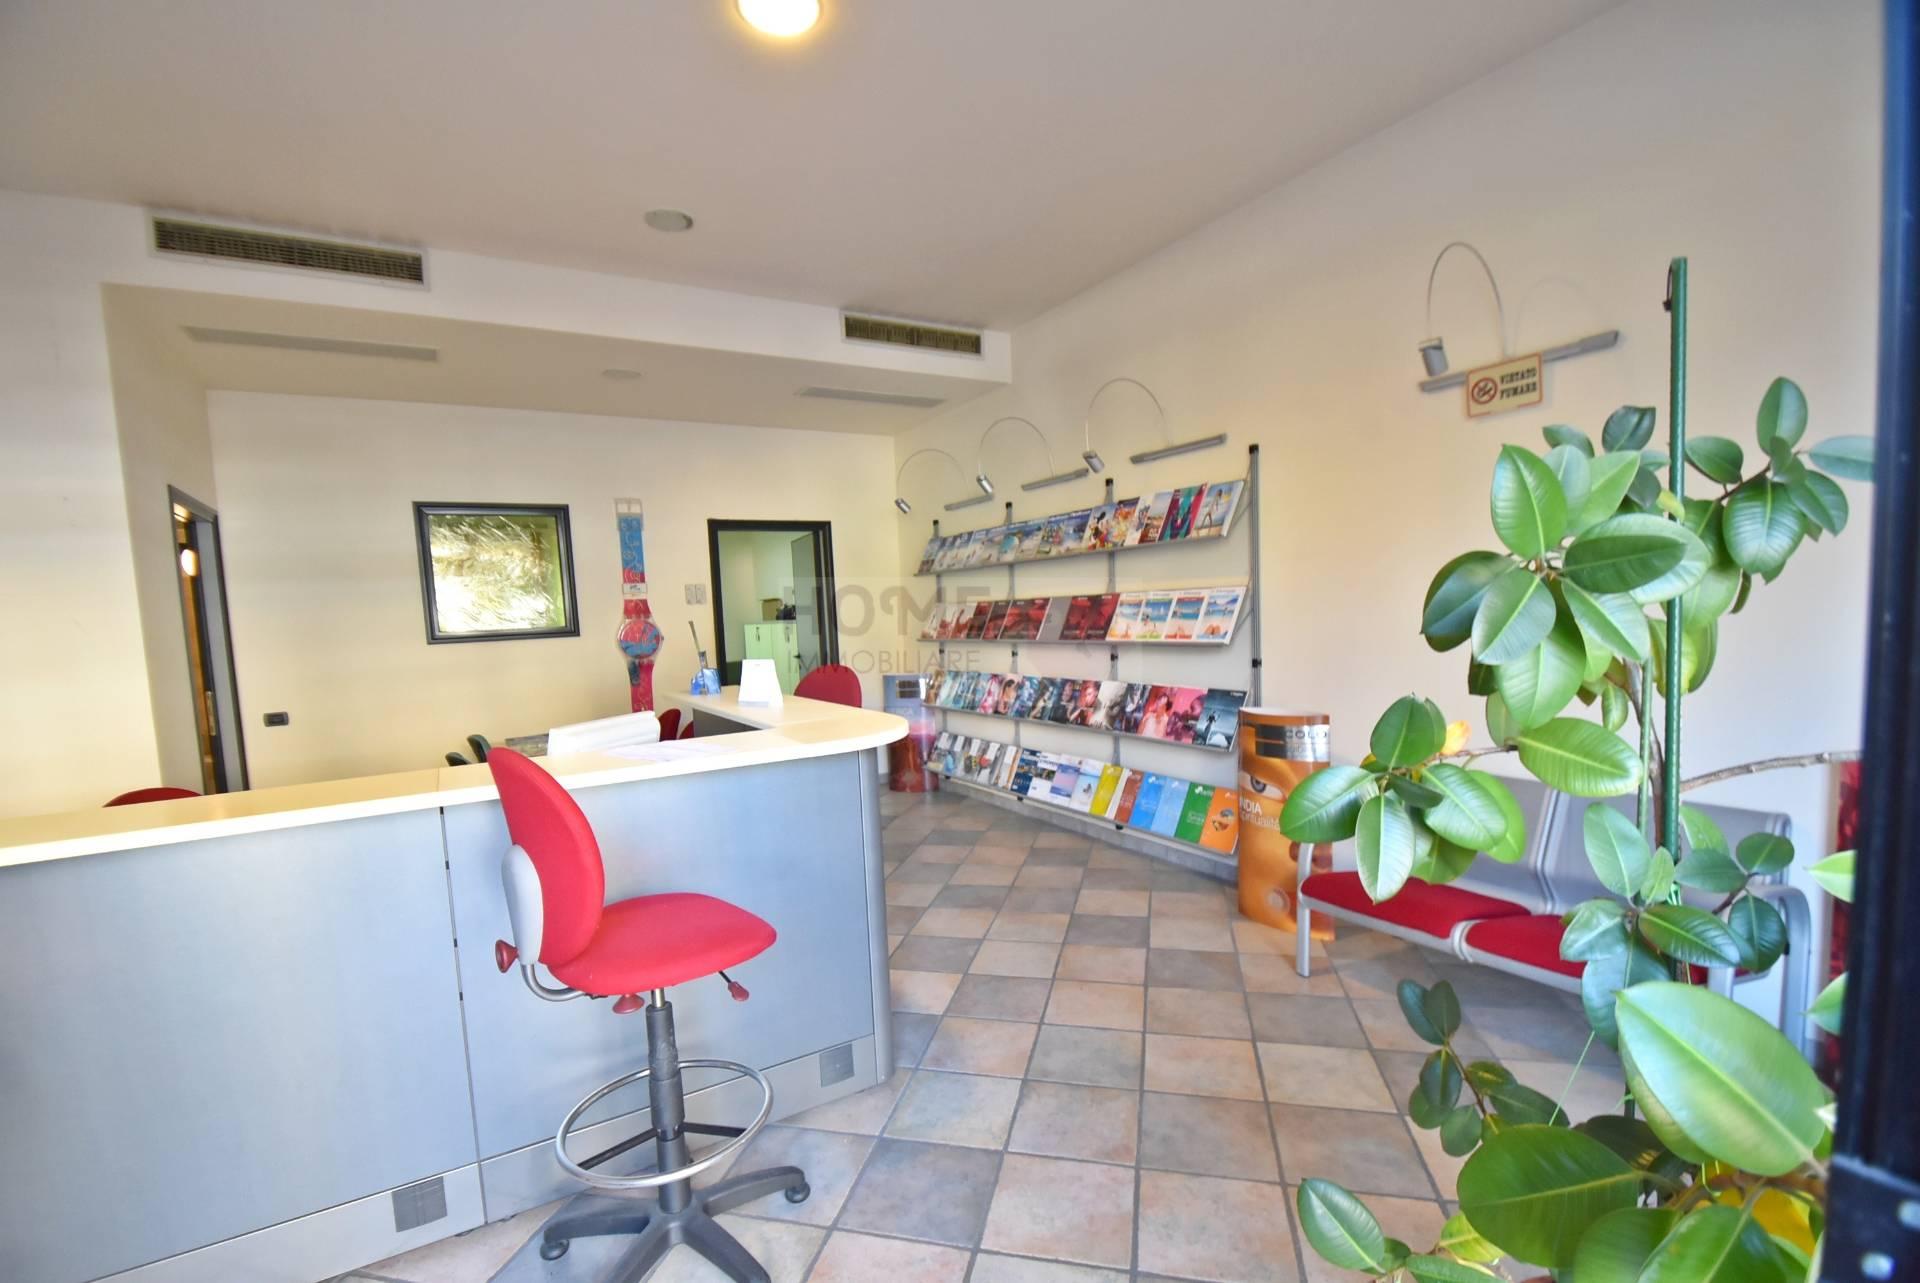 Negozio / Locale in vendita a Macerata, 9999 locali, zona Località: ZonaStadio, prezzo € 55.000 | CambioCasa.it